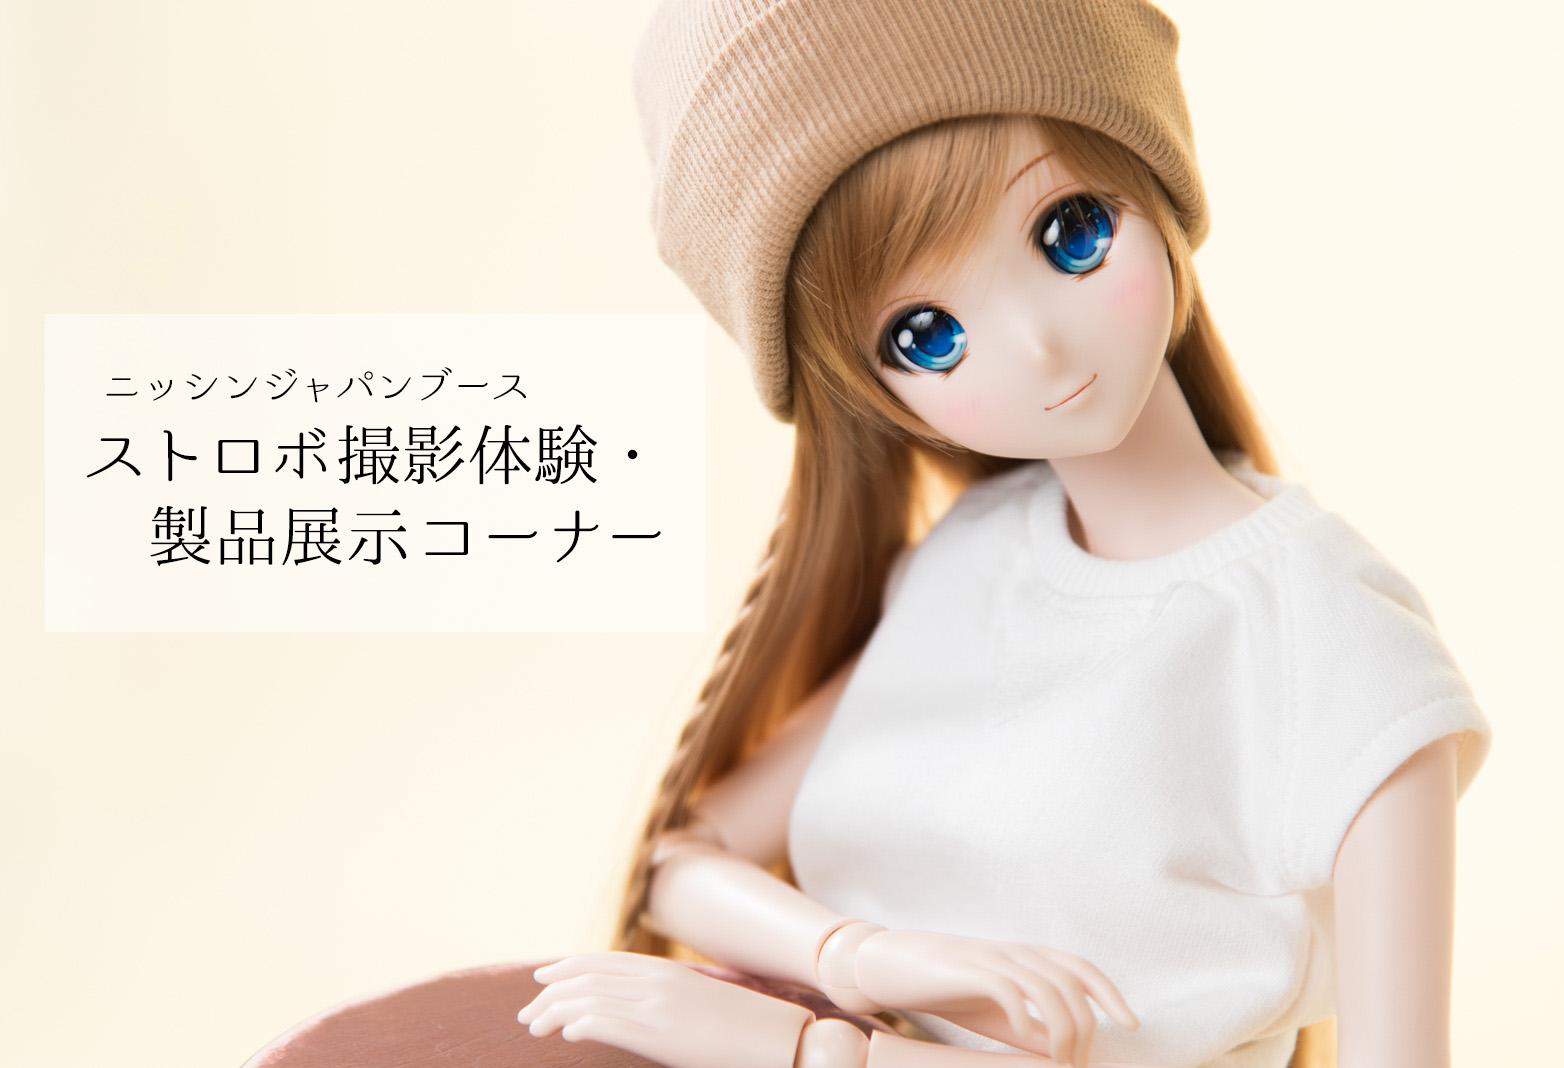 9月24日開催【ドールショウ54秋】ストロボ撮影体験・製品展示